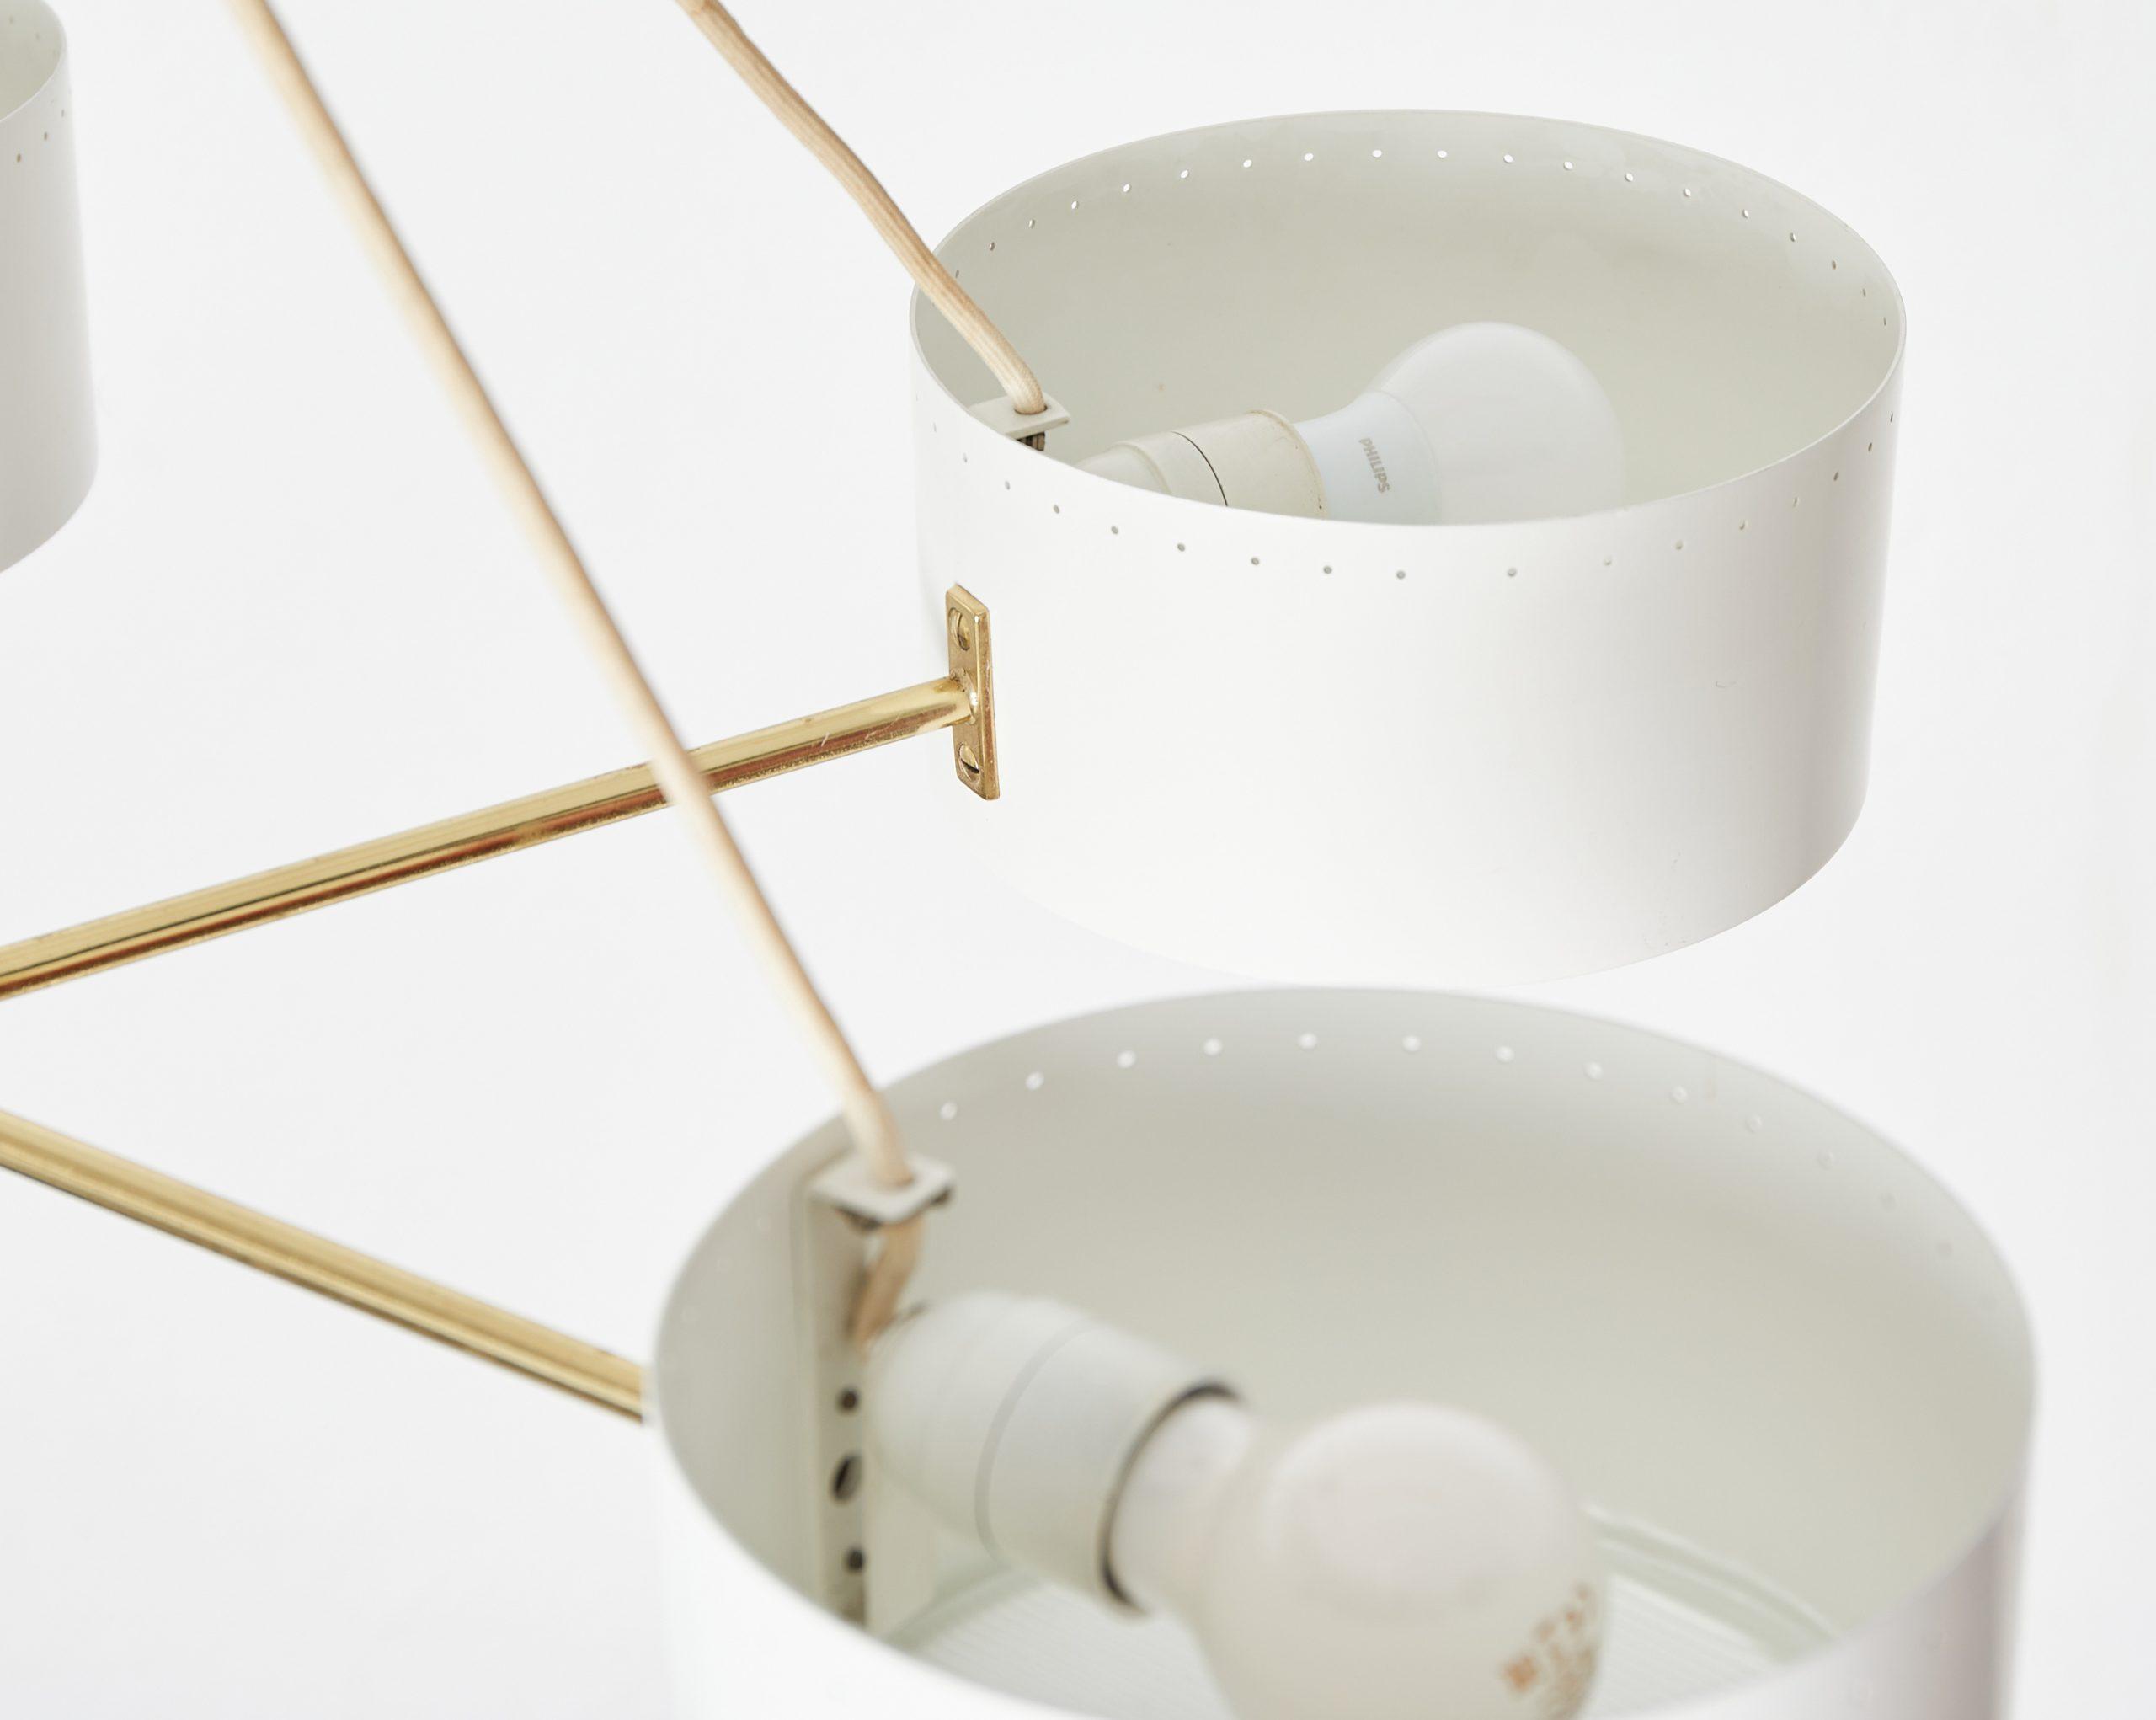 suspension-en-laiton-et-metal-laque-de-bag-turgi-1950-image-04